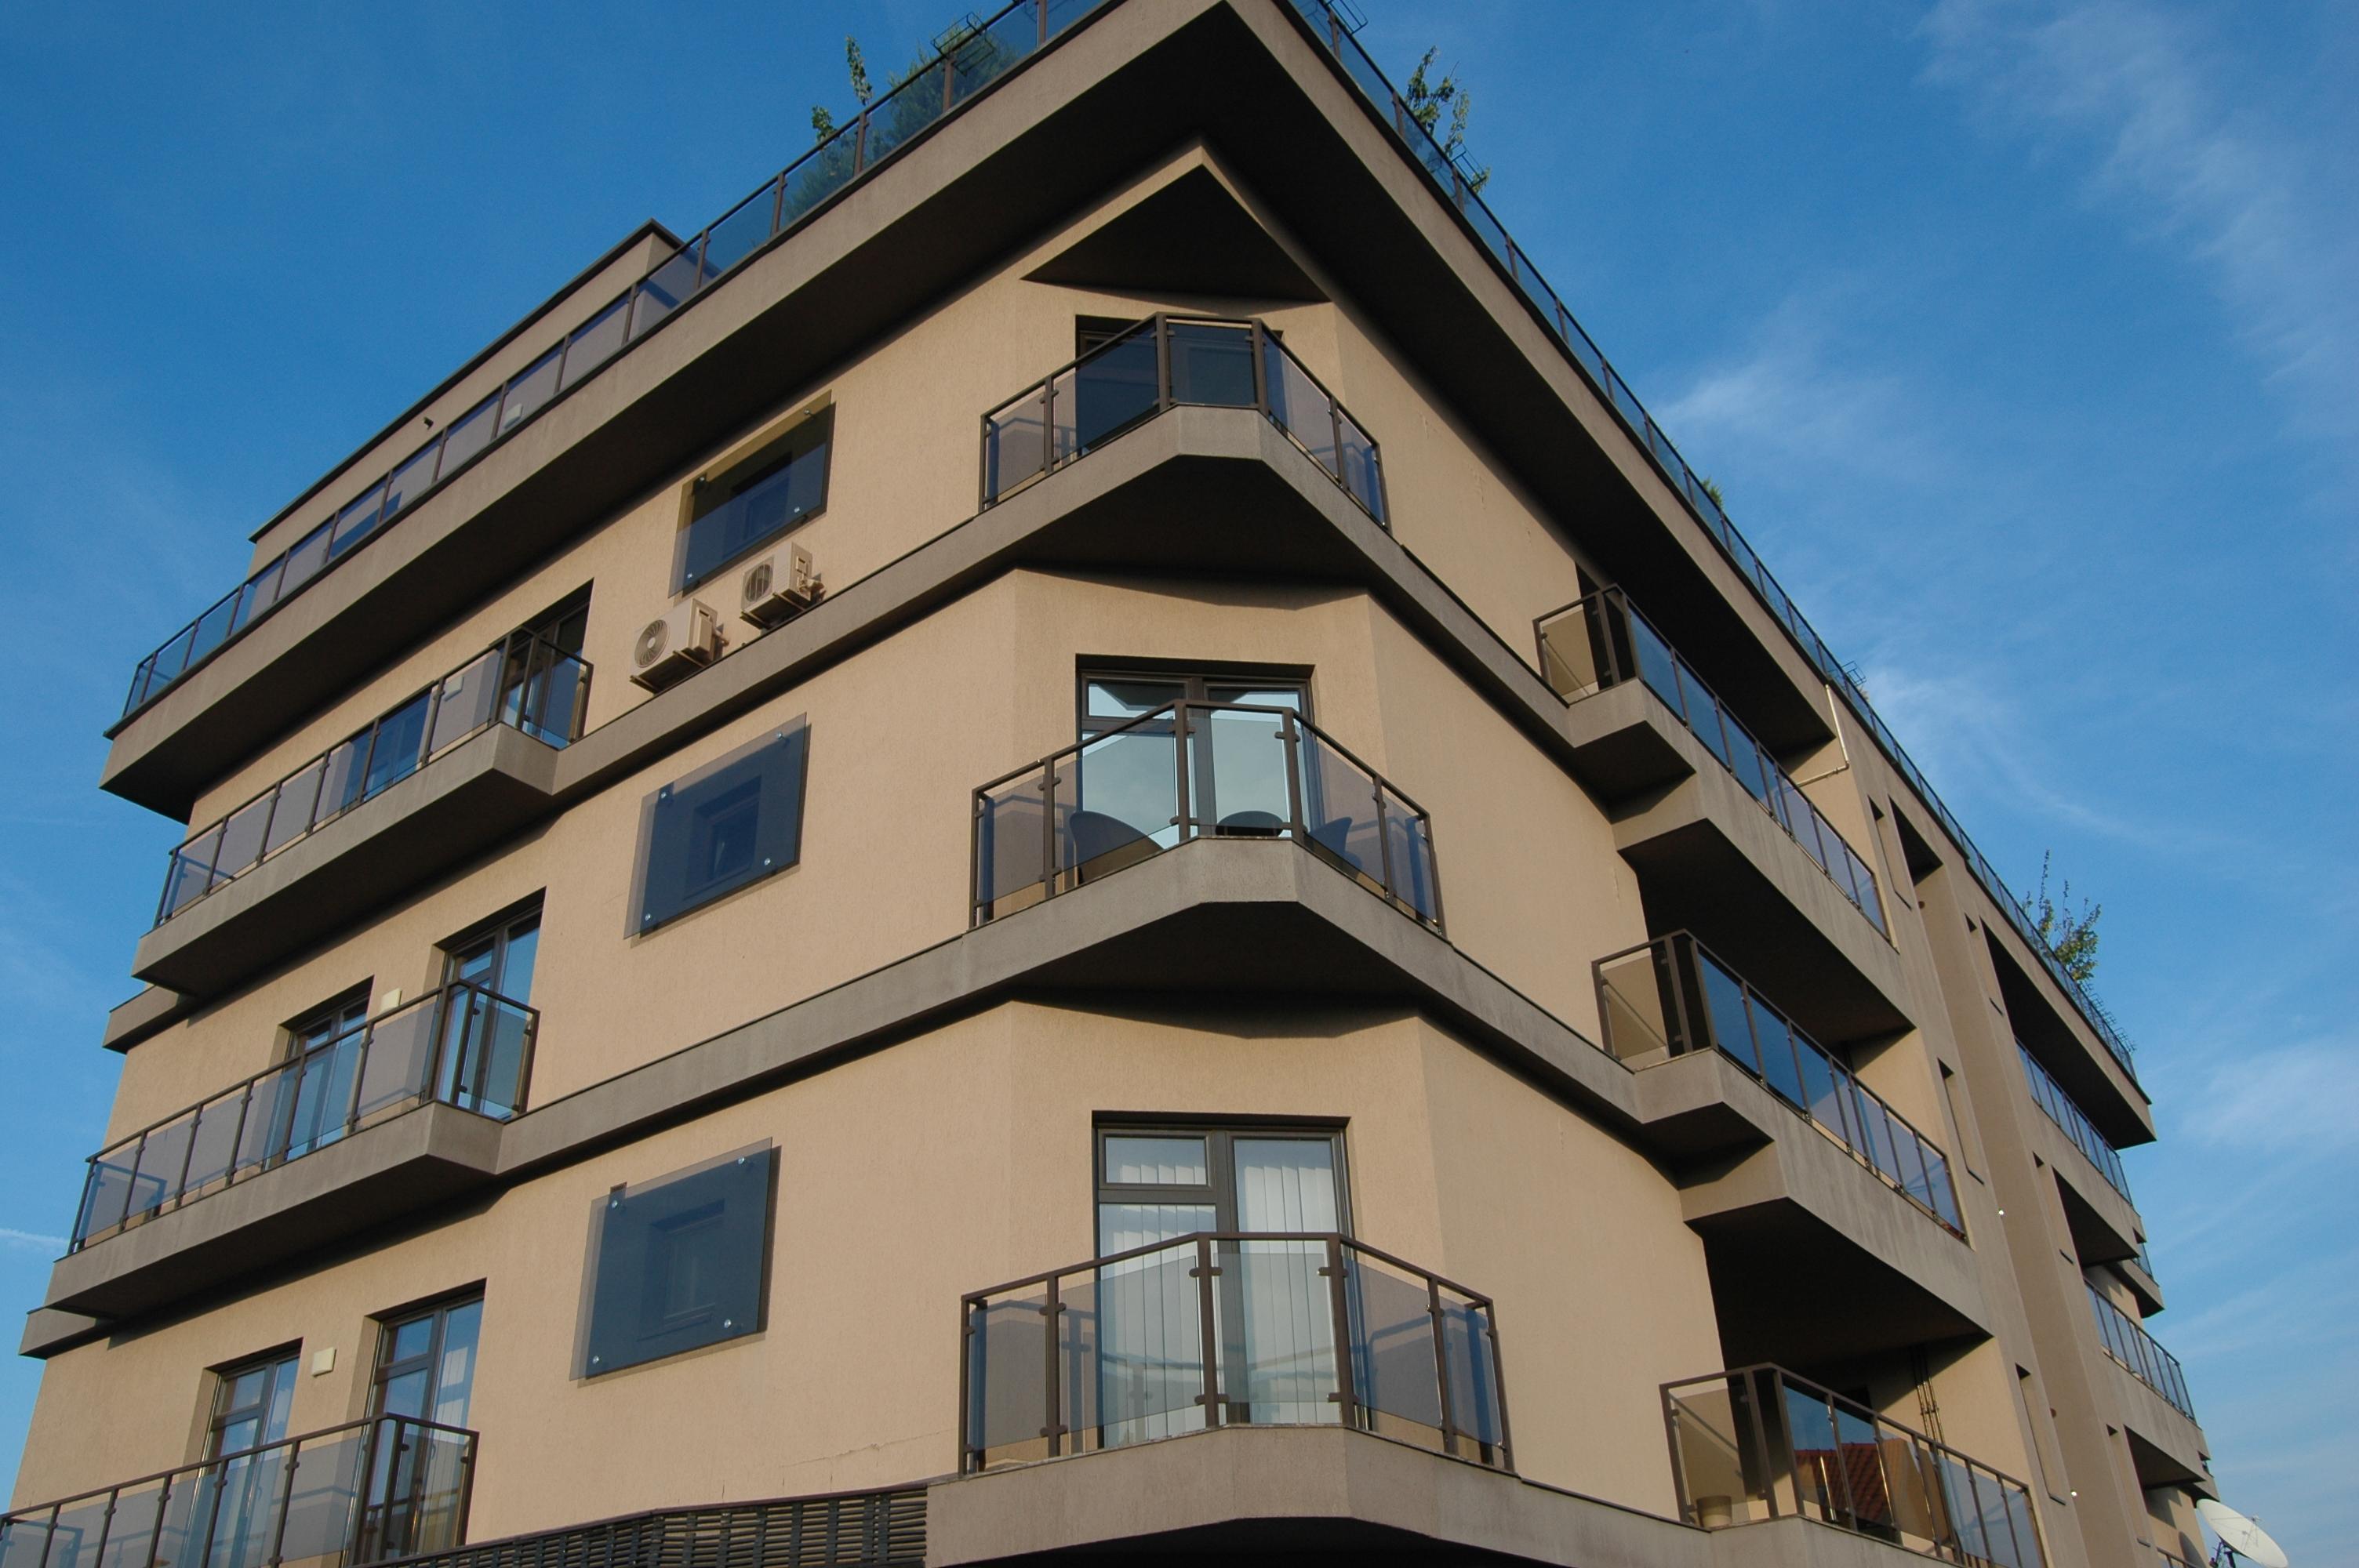 hotelinvest.ro constructii hotel constructii pensiuni horeca dotari hoteliere